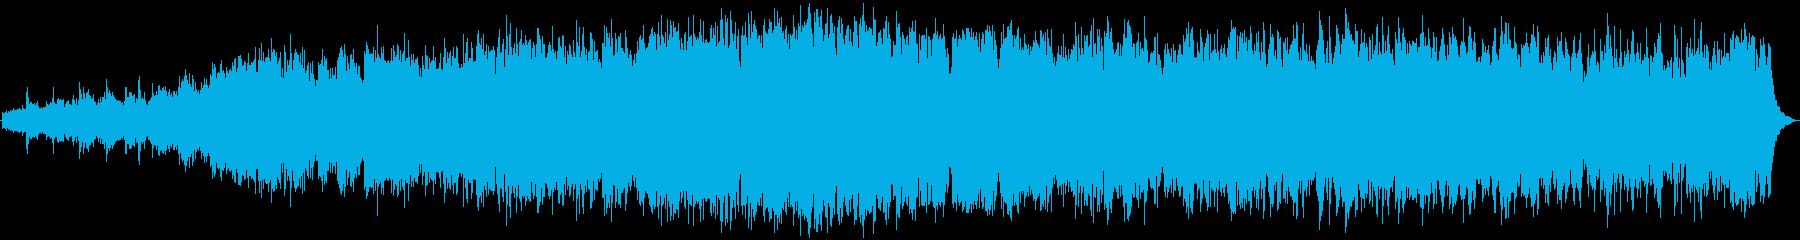 古代文明の儀式の音楽の再生済みの波形